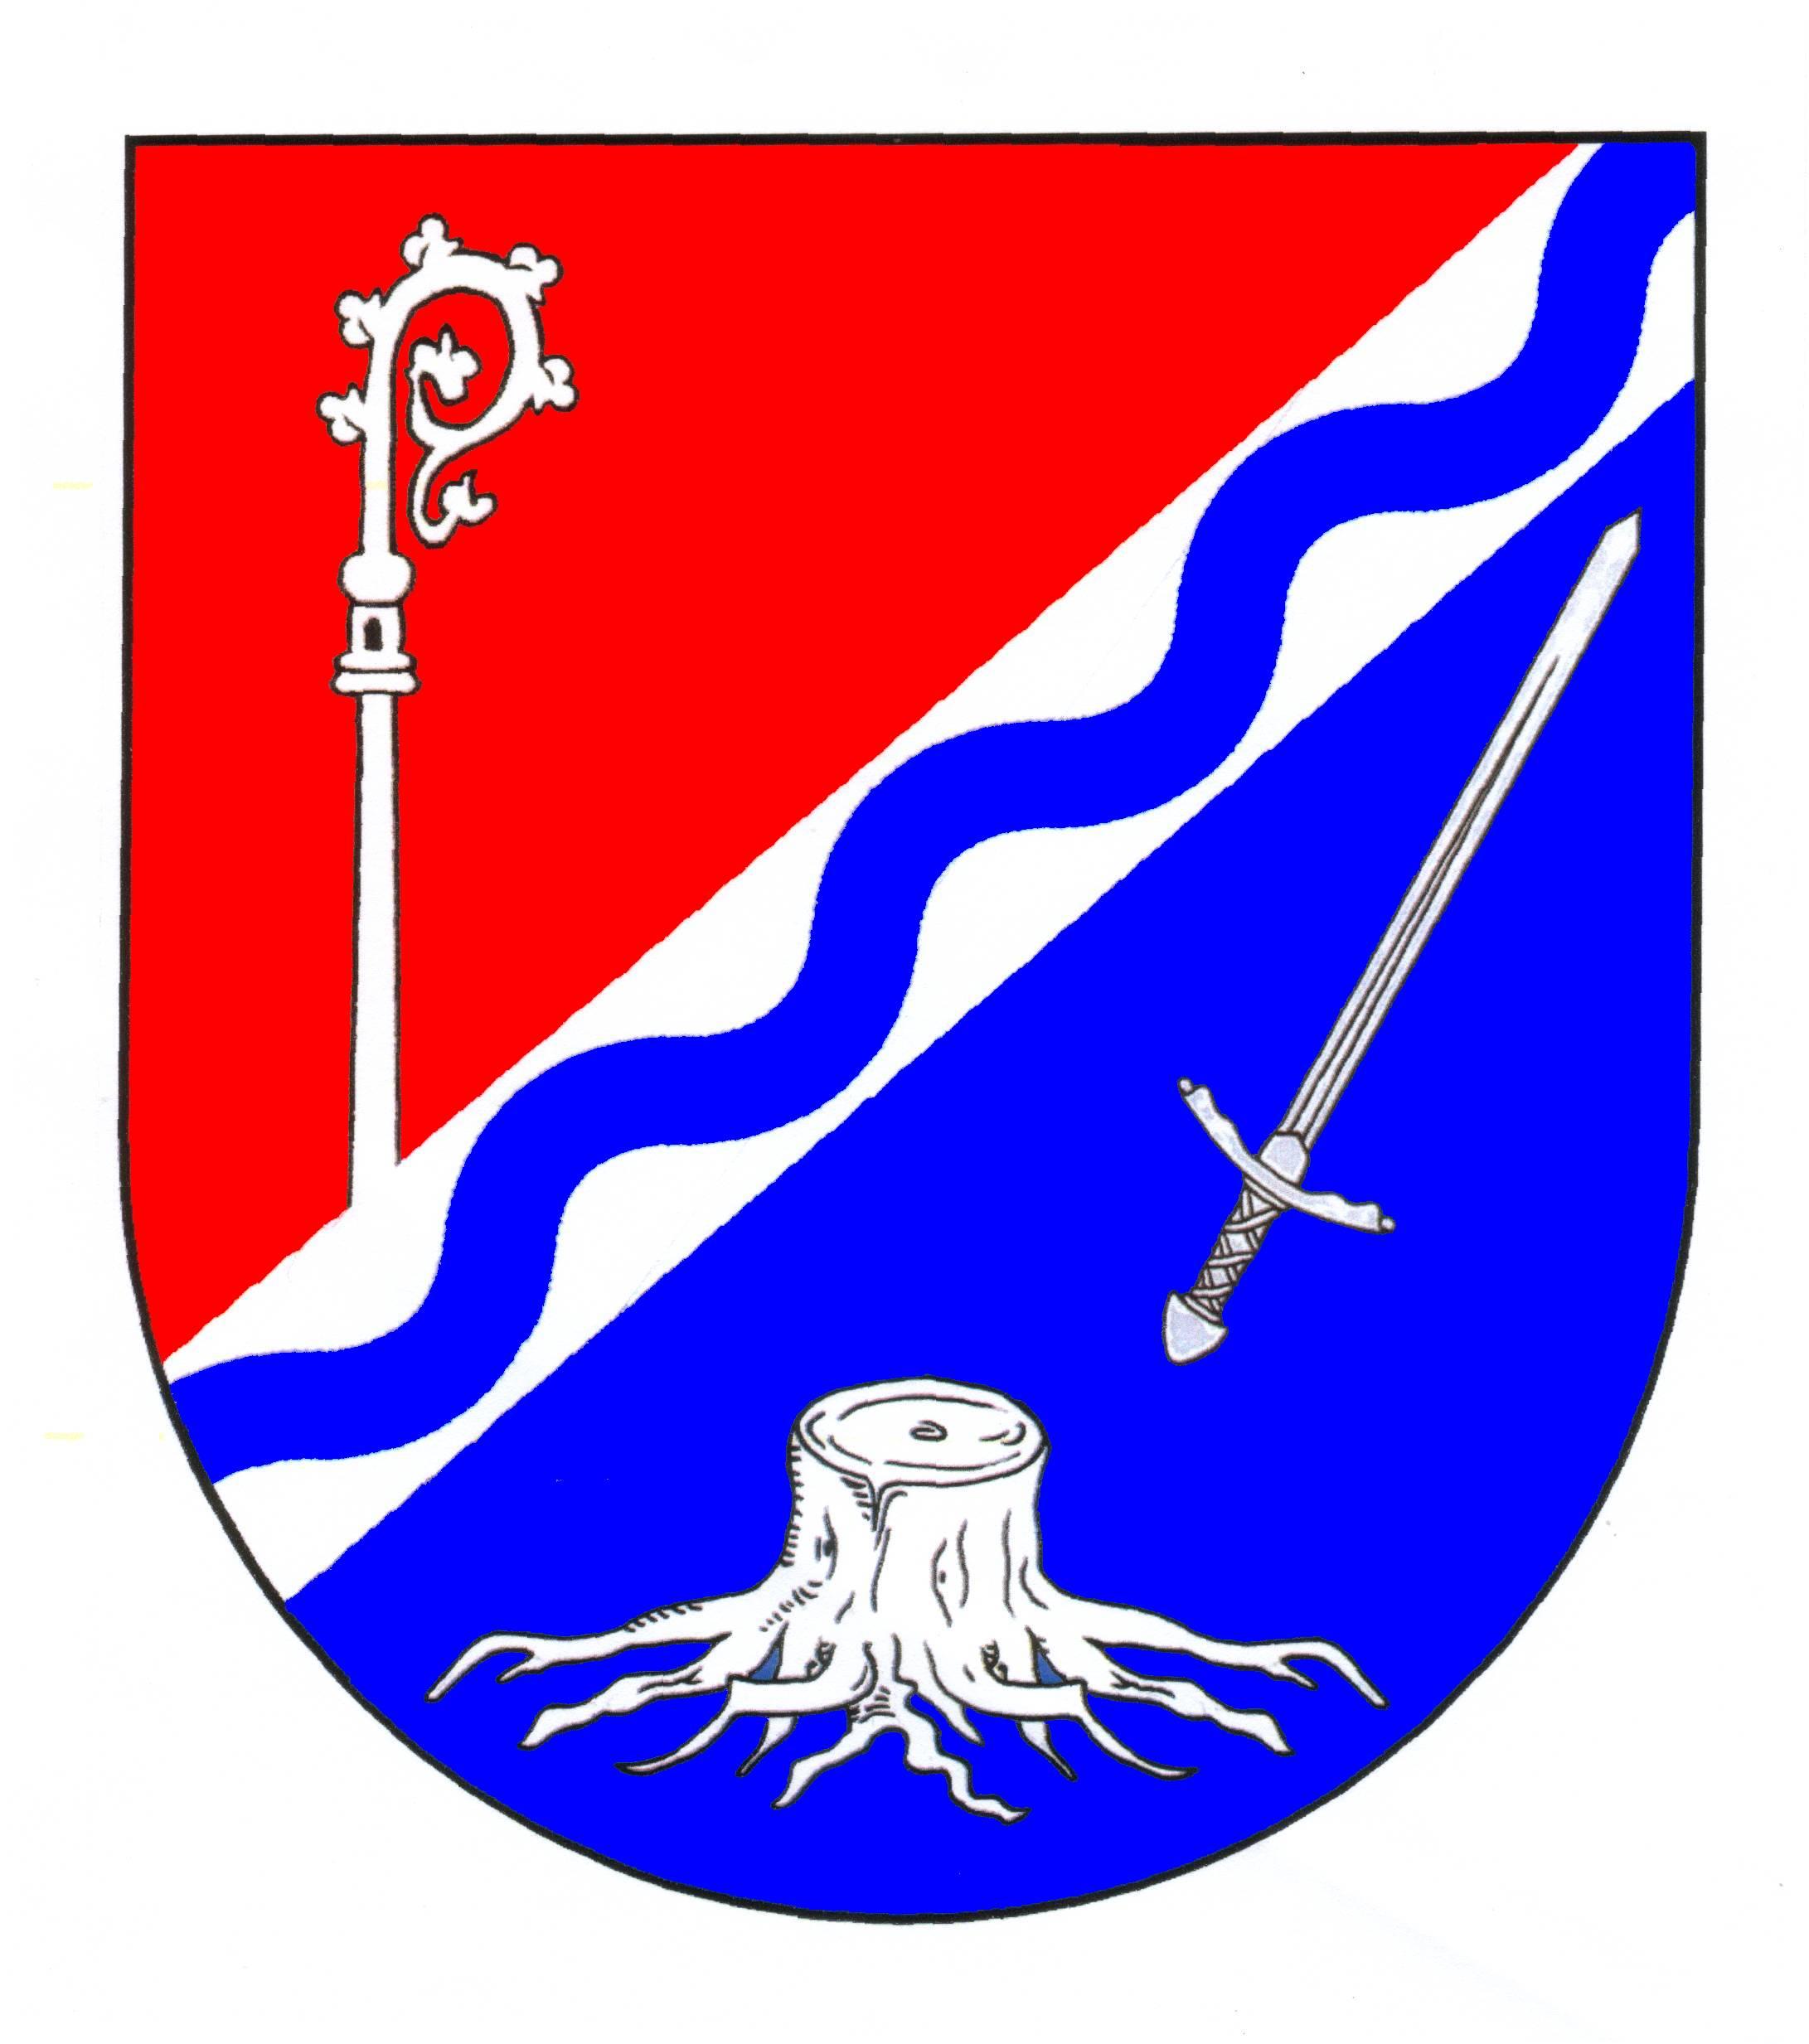 Wappen GemeindeWesenberg, Kreis Stormarn